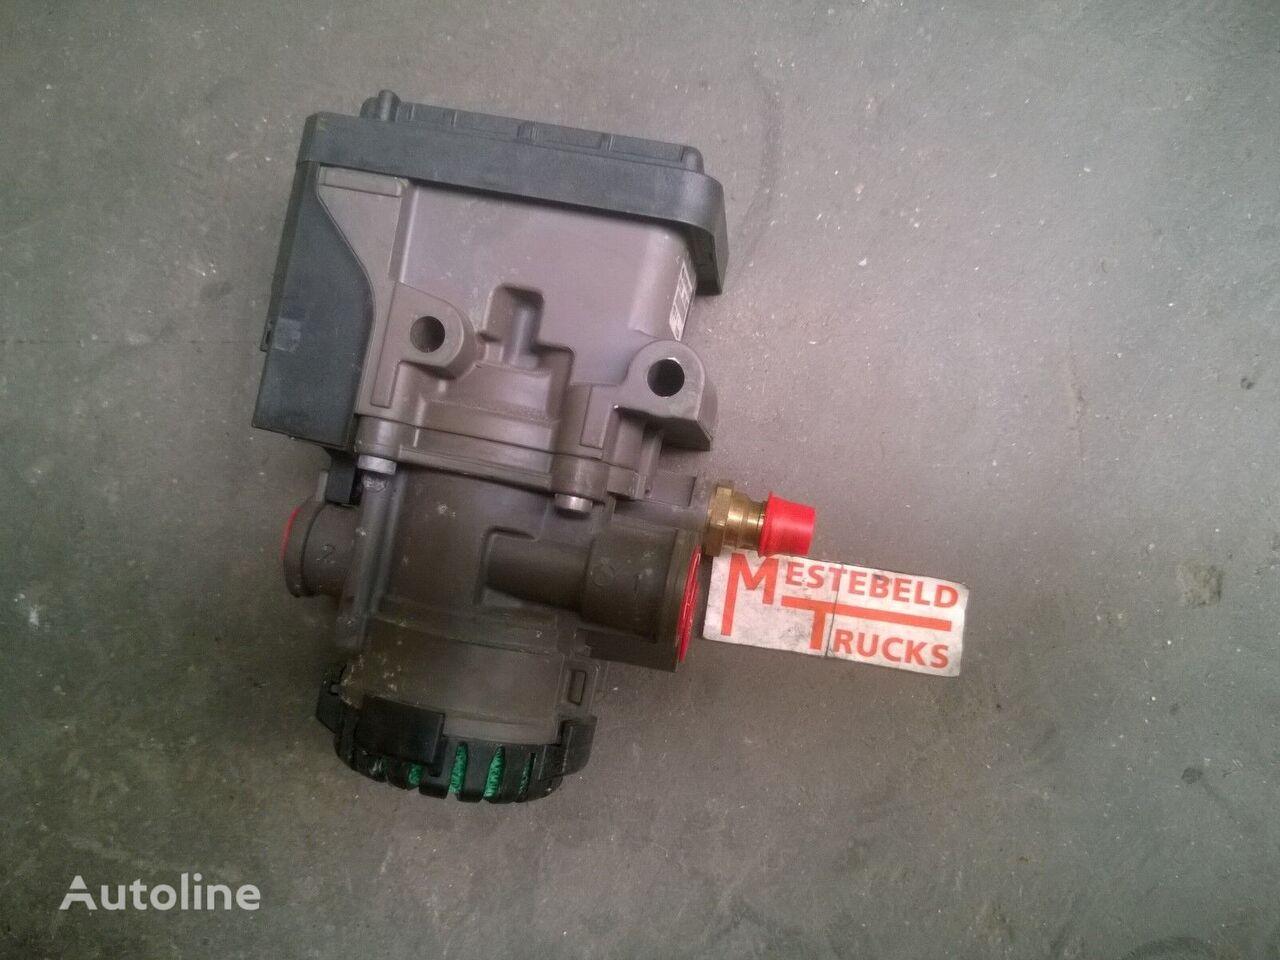 pezzi di ricambi  EBS Voorasmodulator per camion RENAULT EBS Voorasmodulator